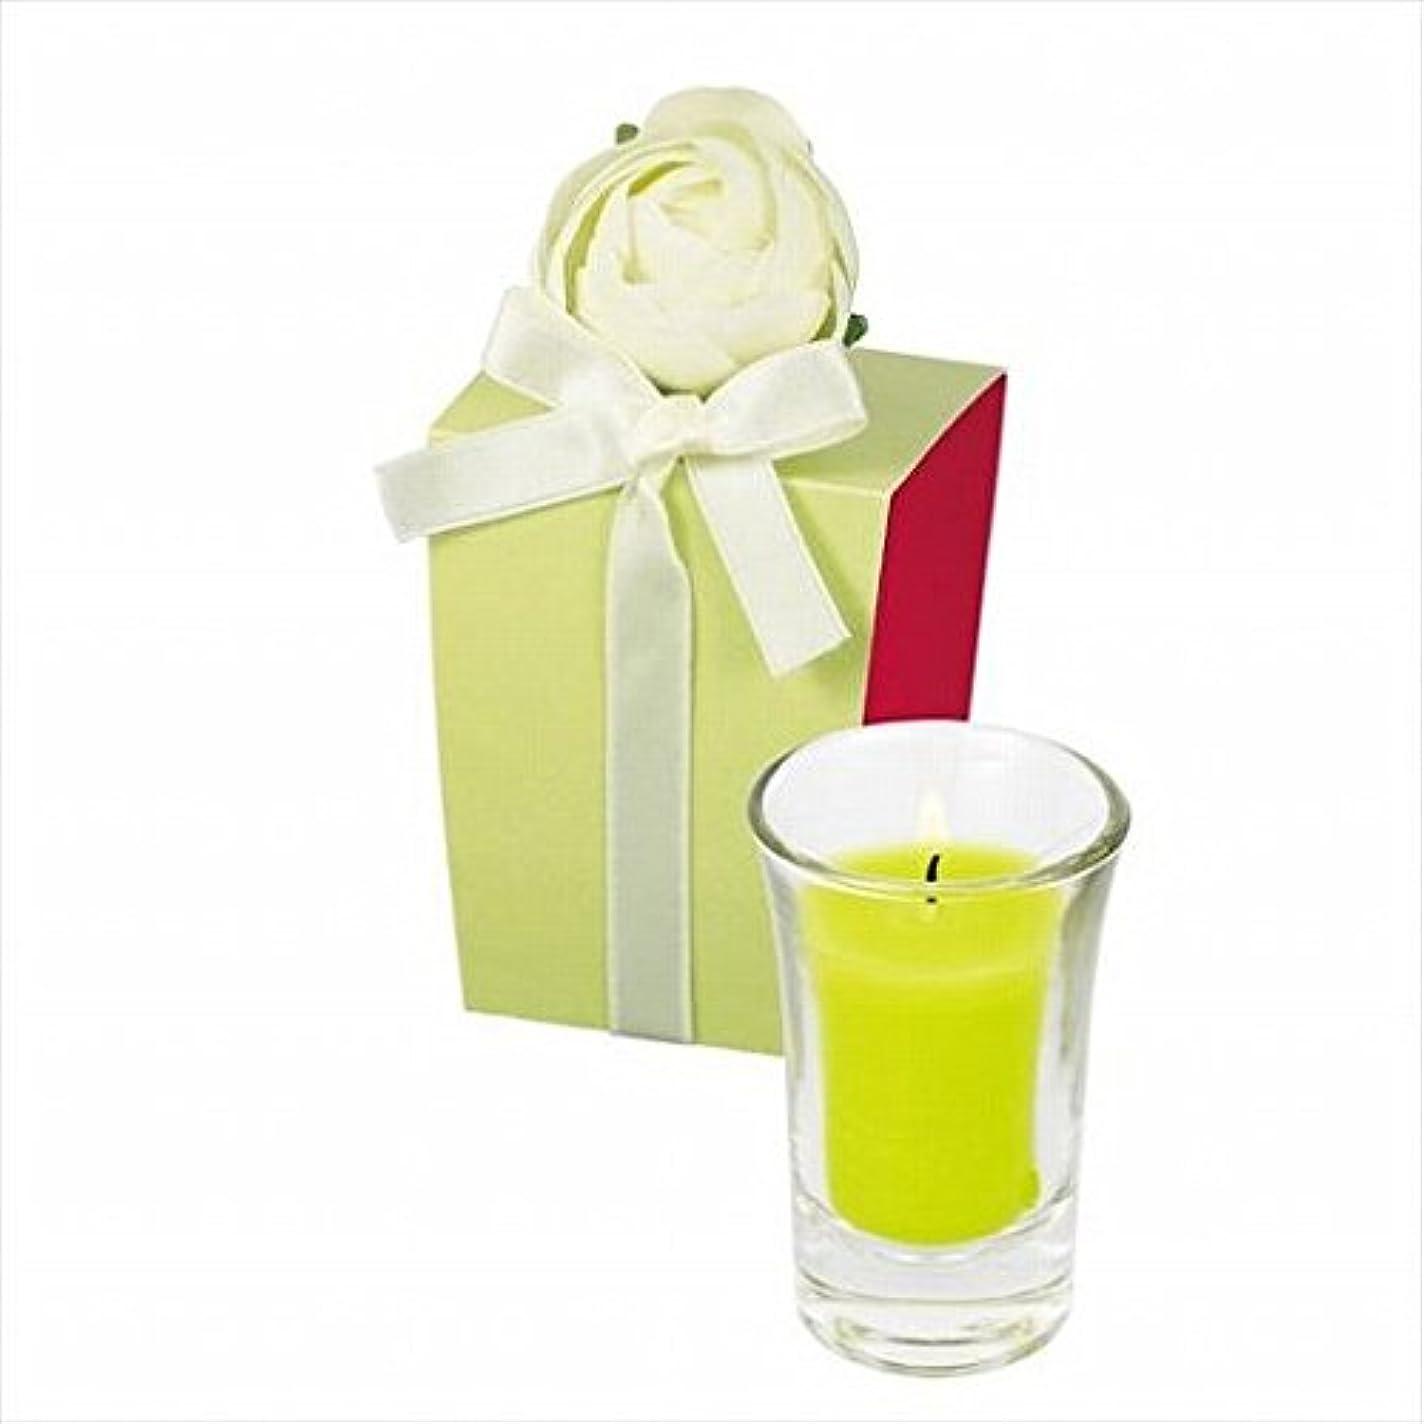 ホイスト群がる詐欺kameyama candle(カメヤマキャンドル) ラナンキュラスグラスキャンドル 「 ライトグリーン 」(A9390500LG)